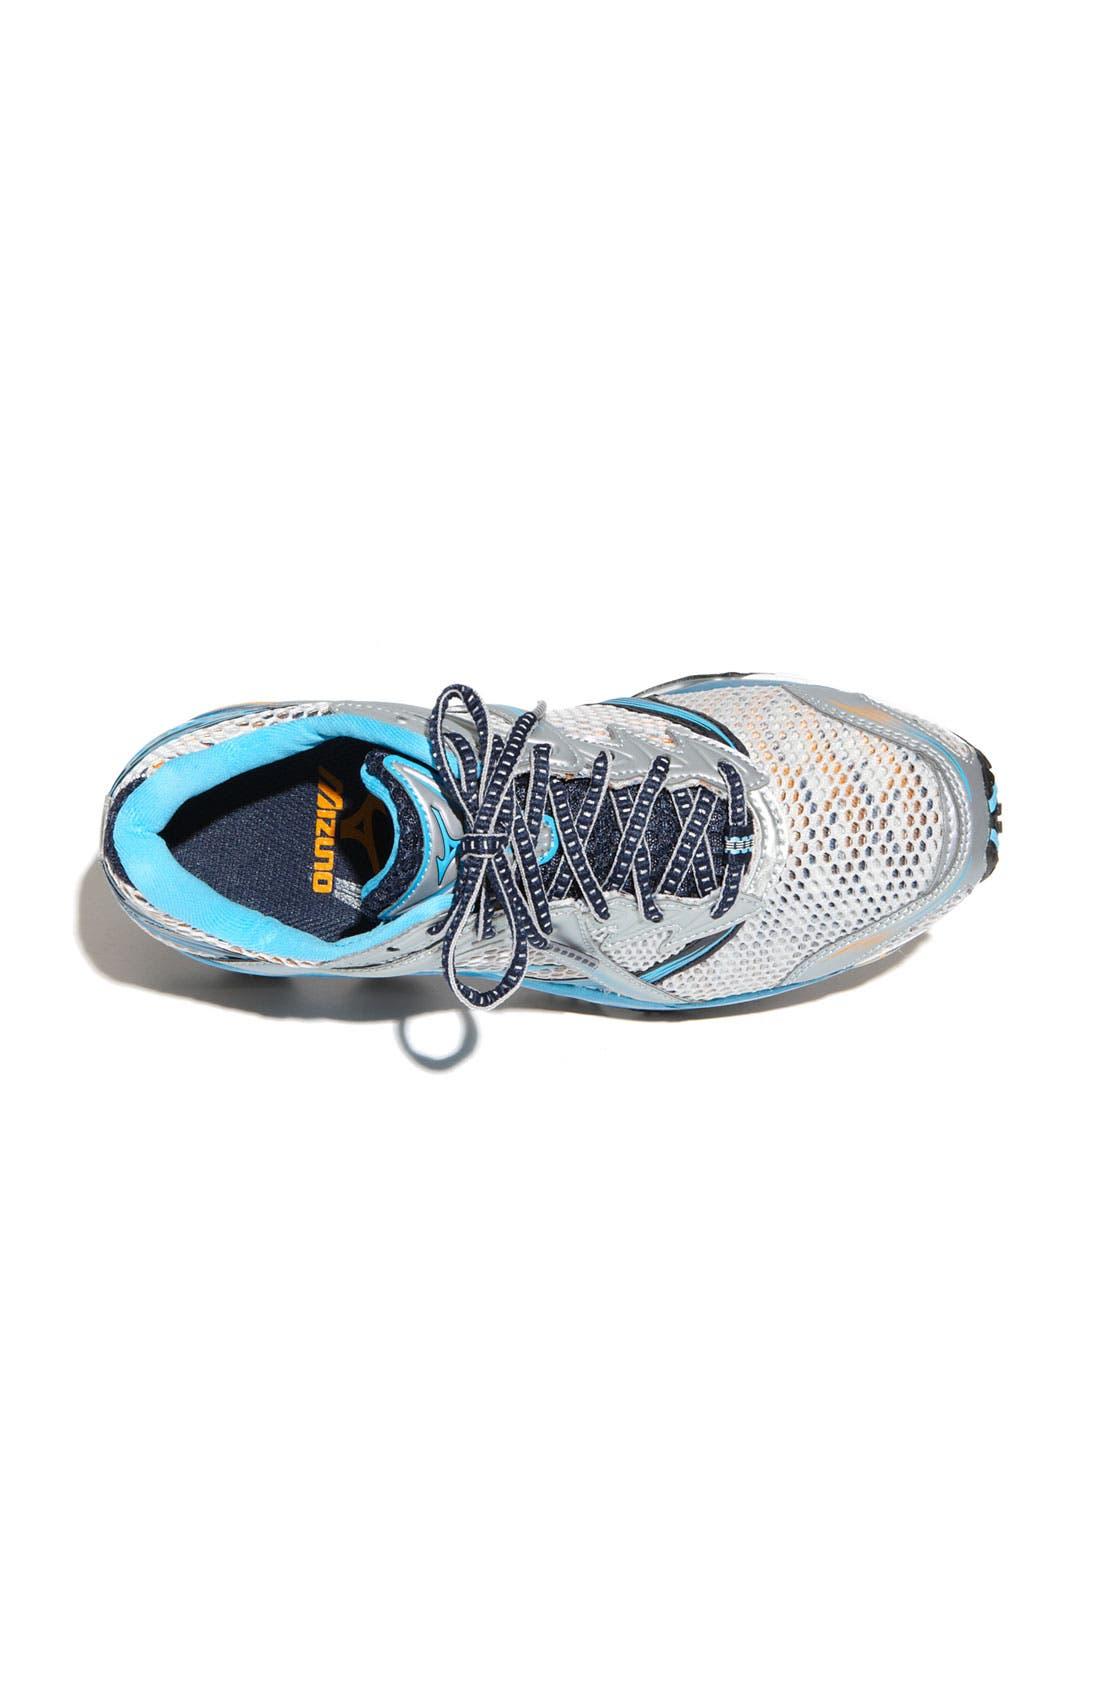 Alternate Image 3  - Mizuno 'Wave Prophecy' Running Shoe (Women) (Regular Retail Price: $199.95)